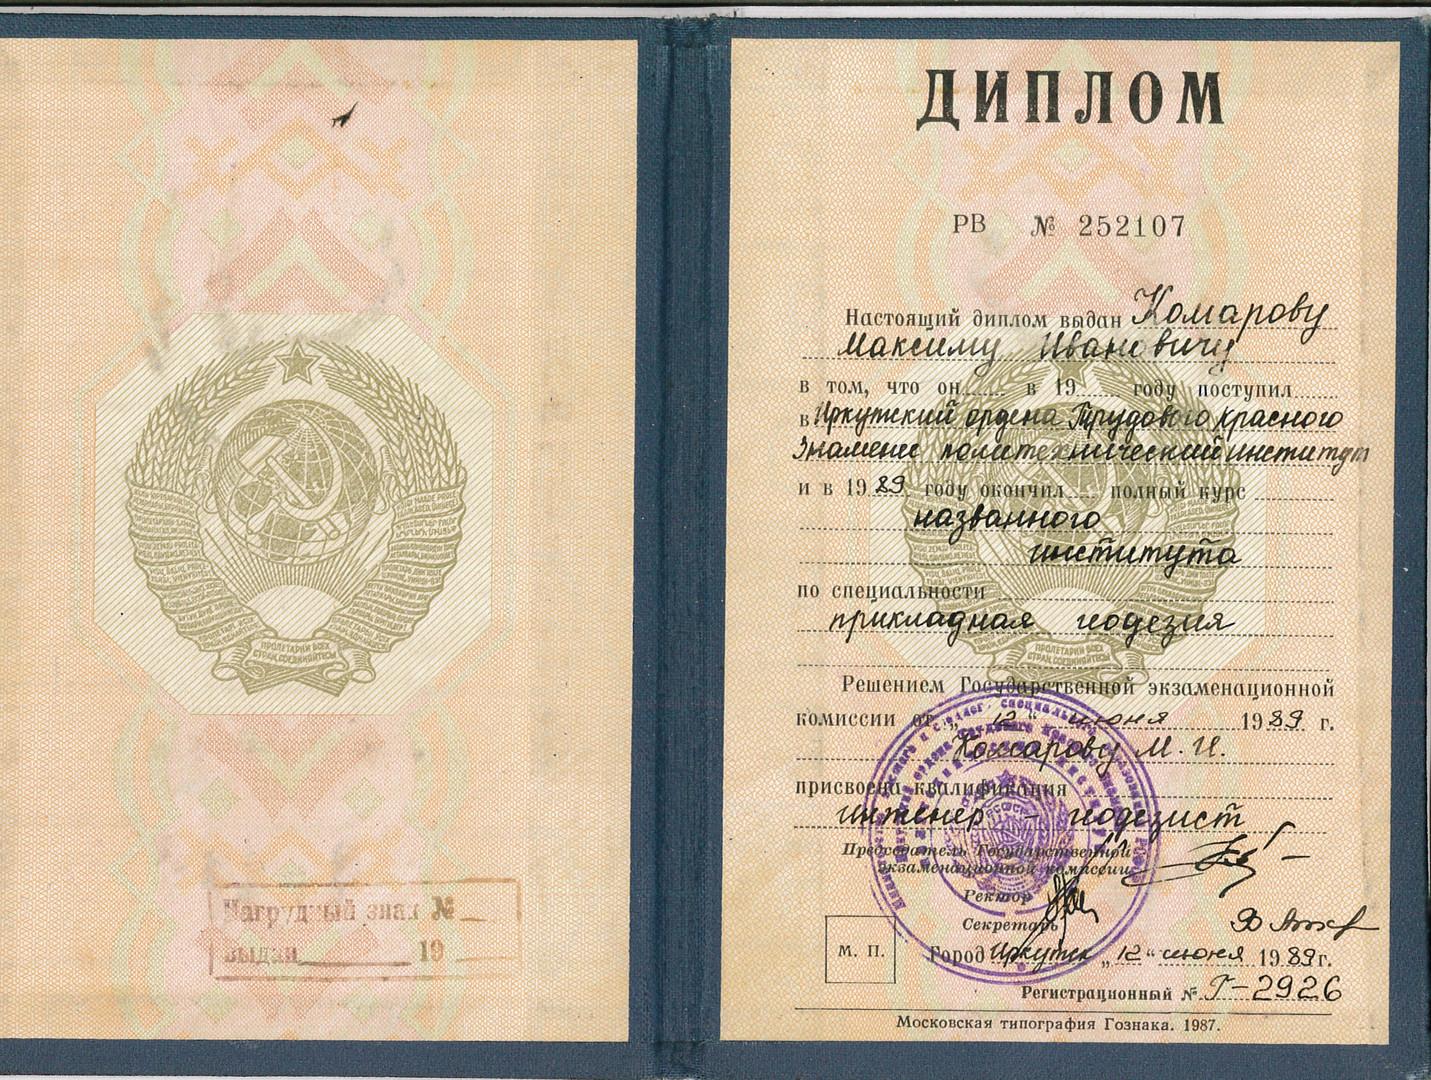 1 Диплом Комаров Геодезия.jpg